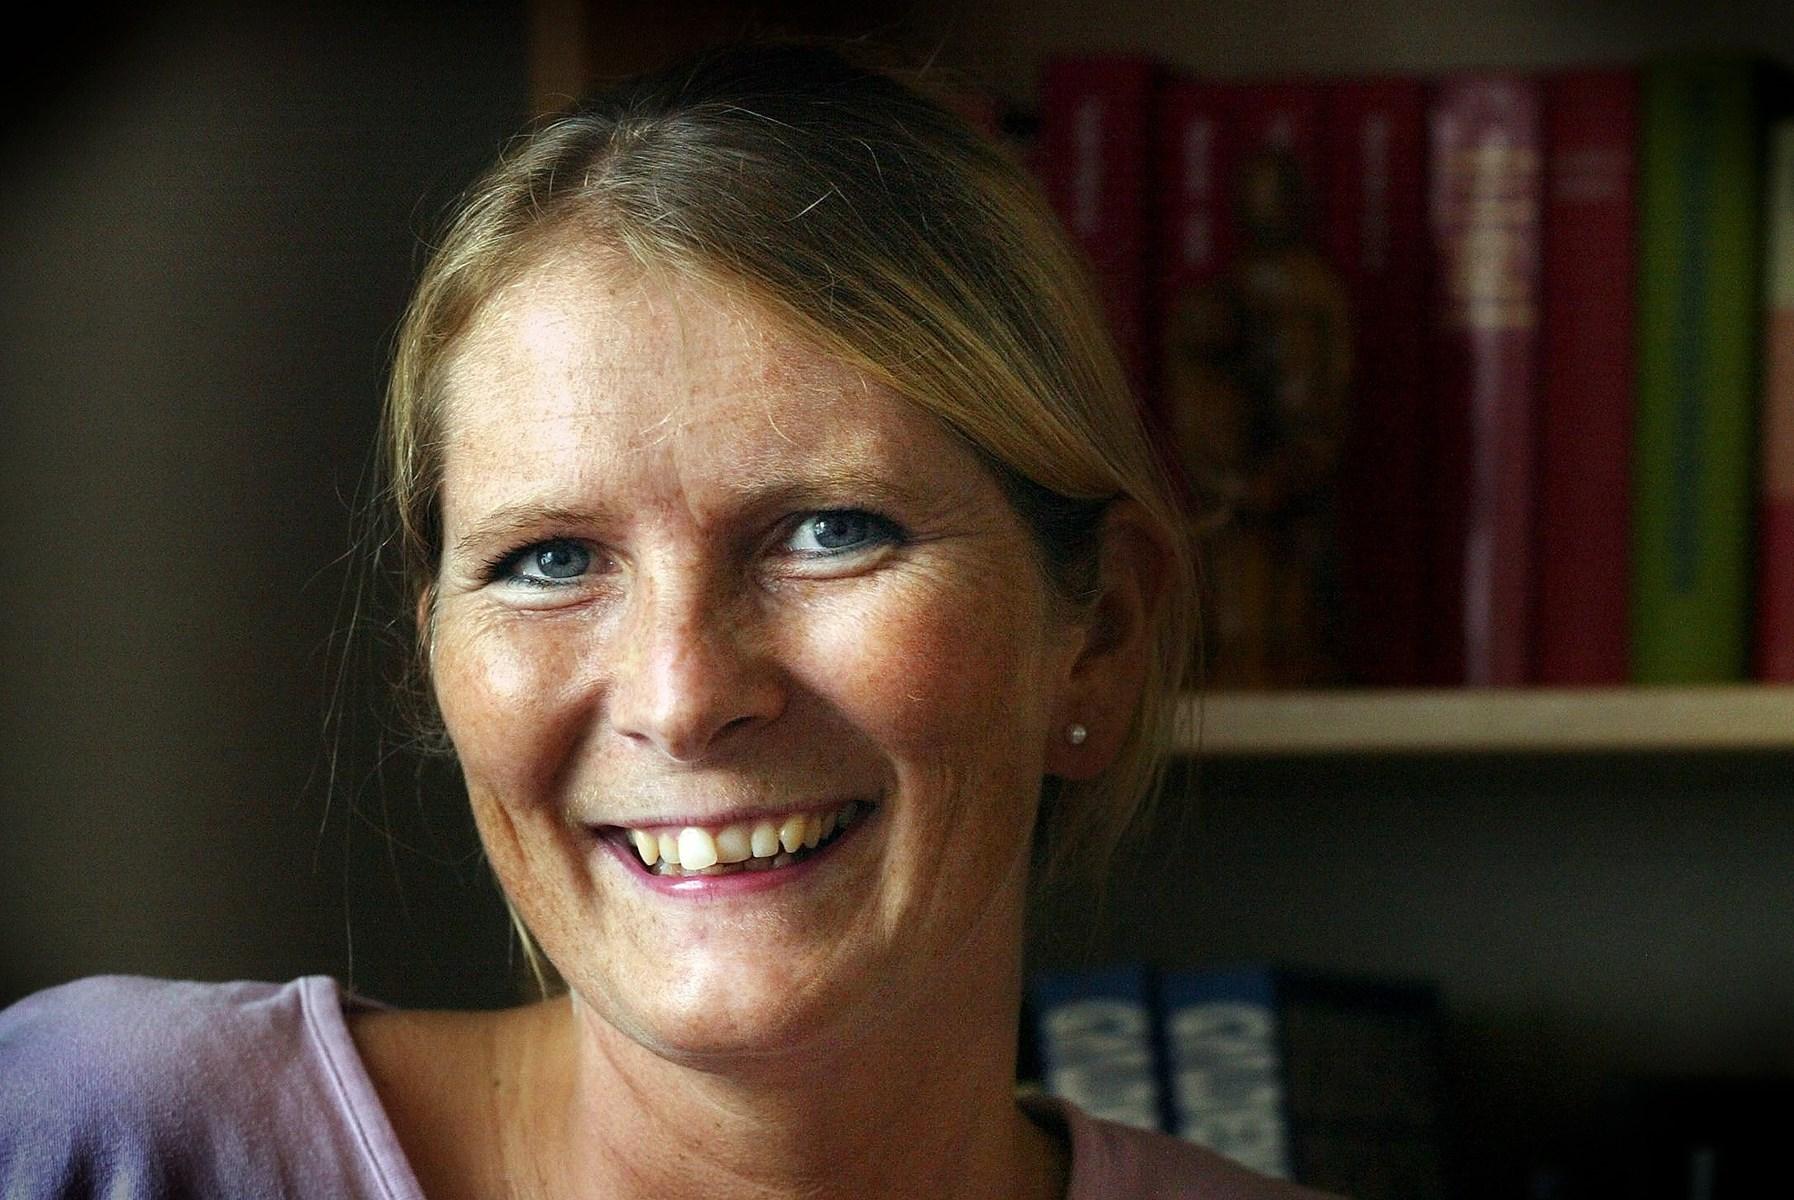 Kvinde Søger Kæreste Til Dating Denmark Gistrup